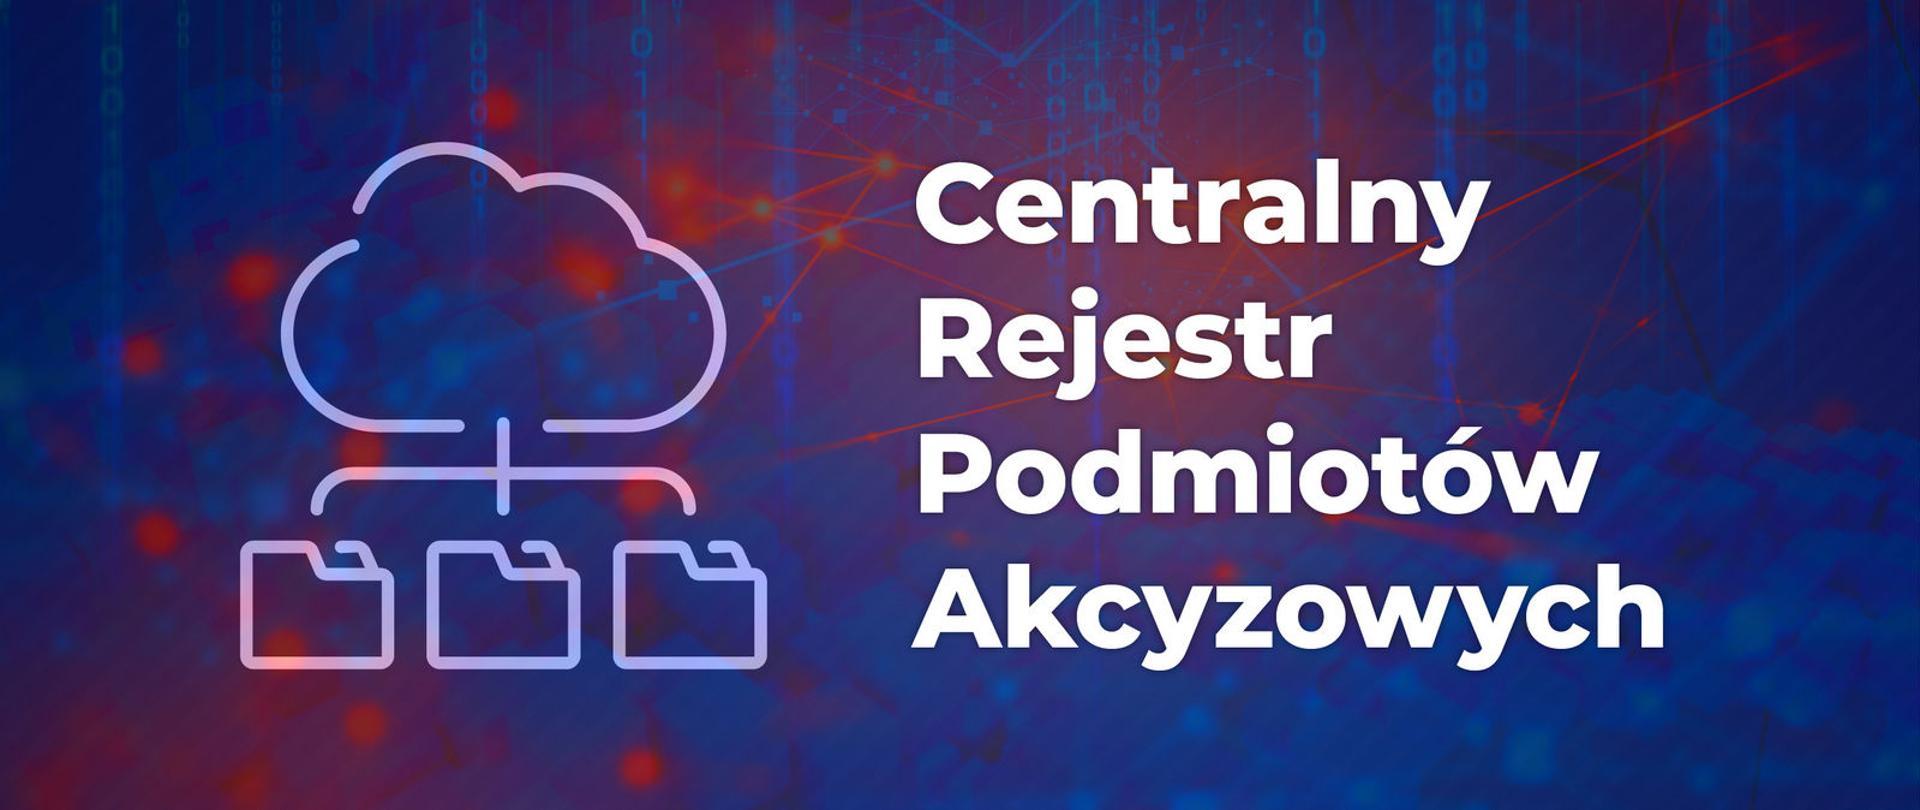 Grafika z abstrakcyjnym tłem, symbolem chmury i dokumentów oraz napisem Centralny Rejestr Podmiotów Akcyzowych.